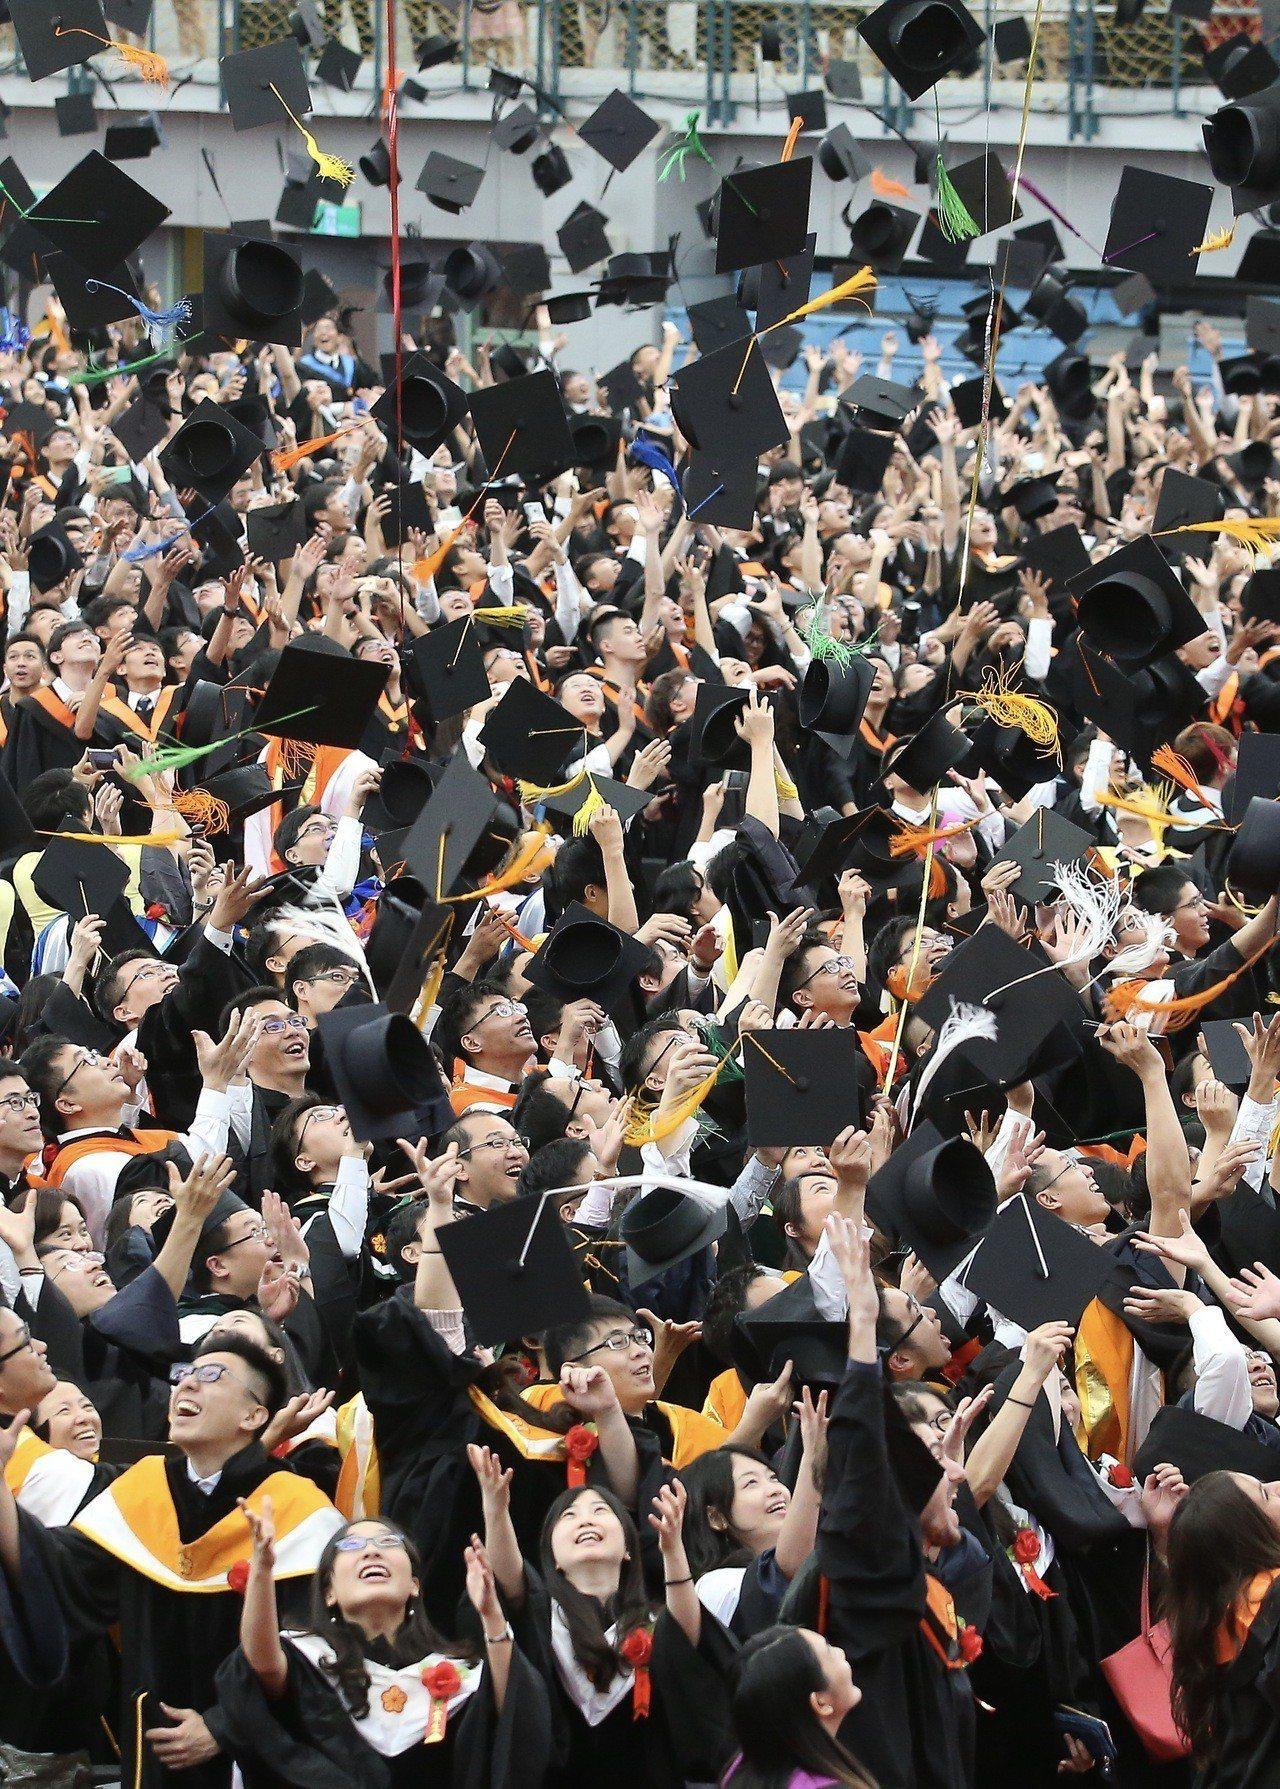 台灣大學昨天舉行畢業典禮,禮成時畢業生一同將方帽拋向空中慶祝。記者余承翰/攝影